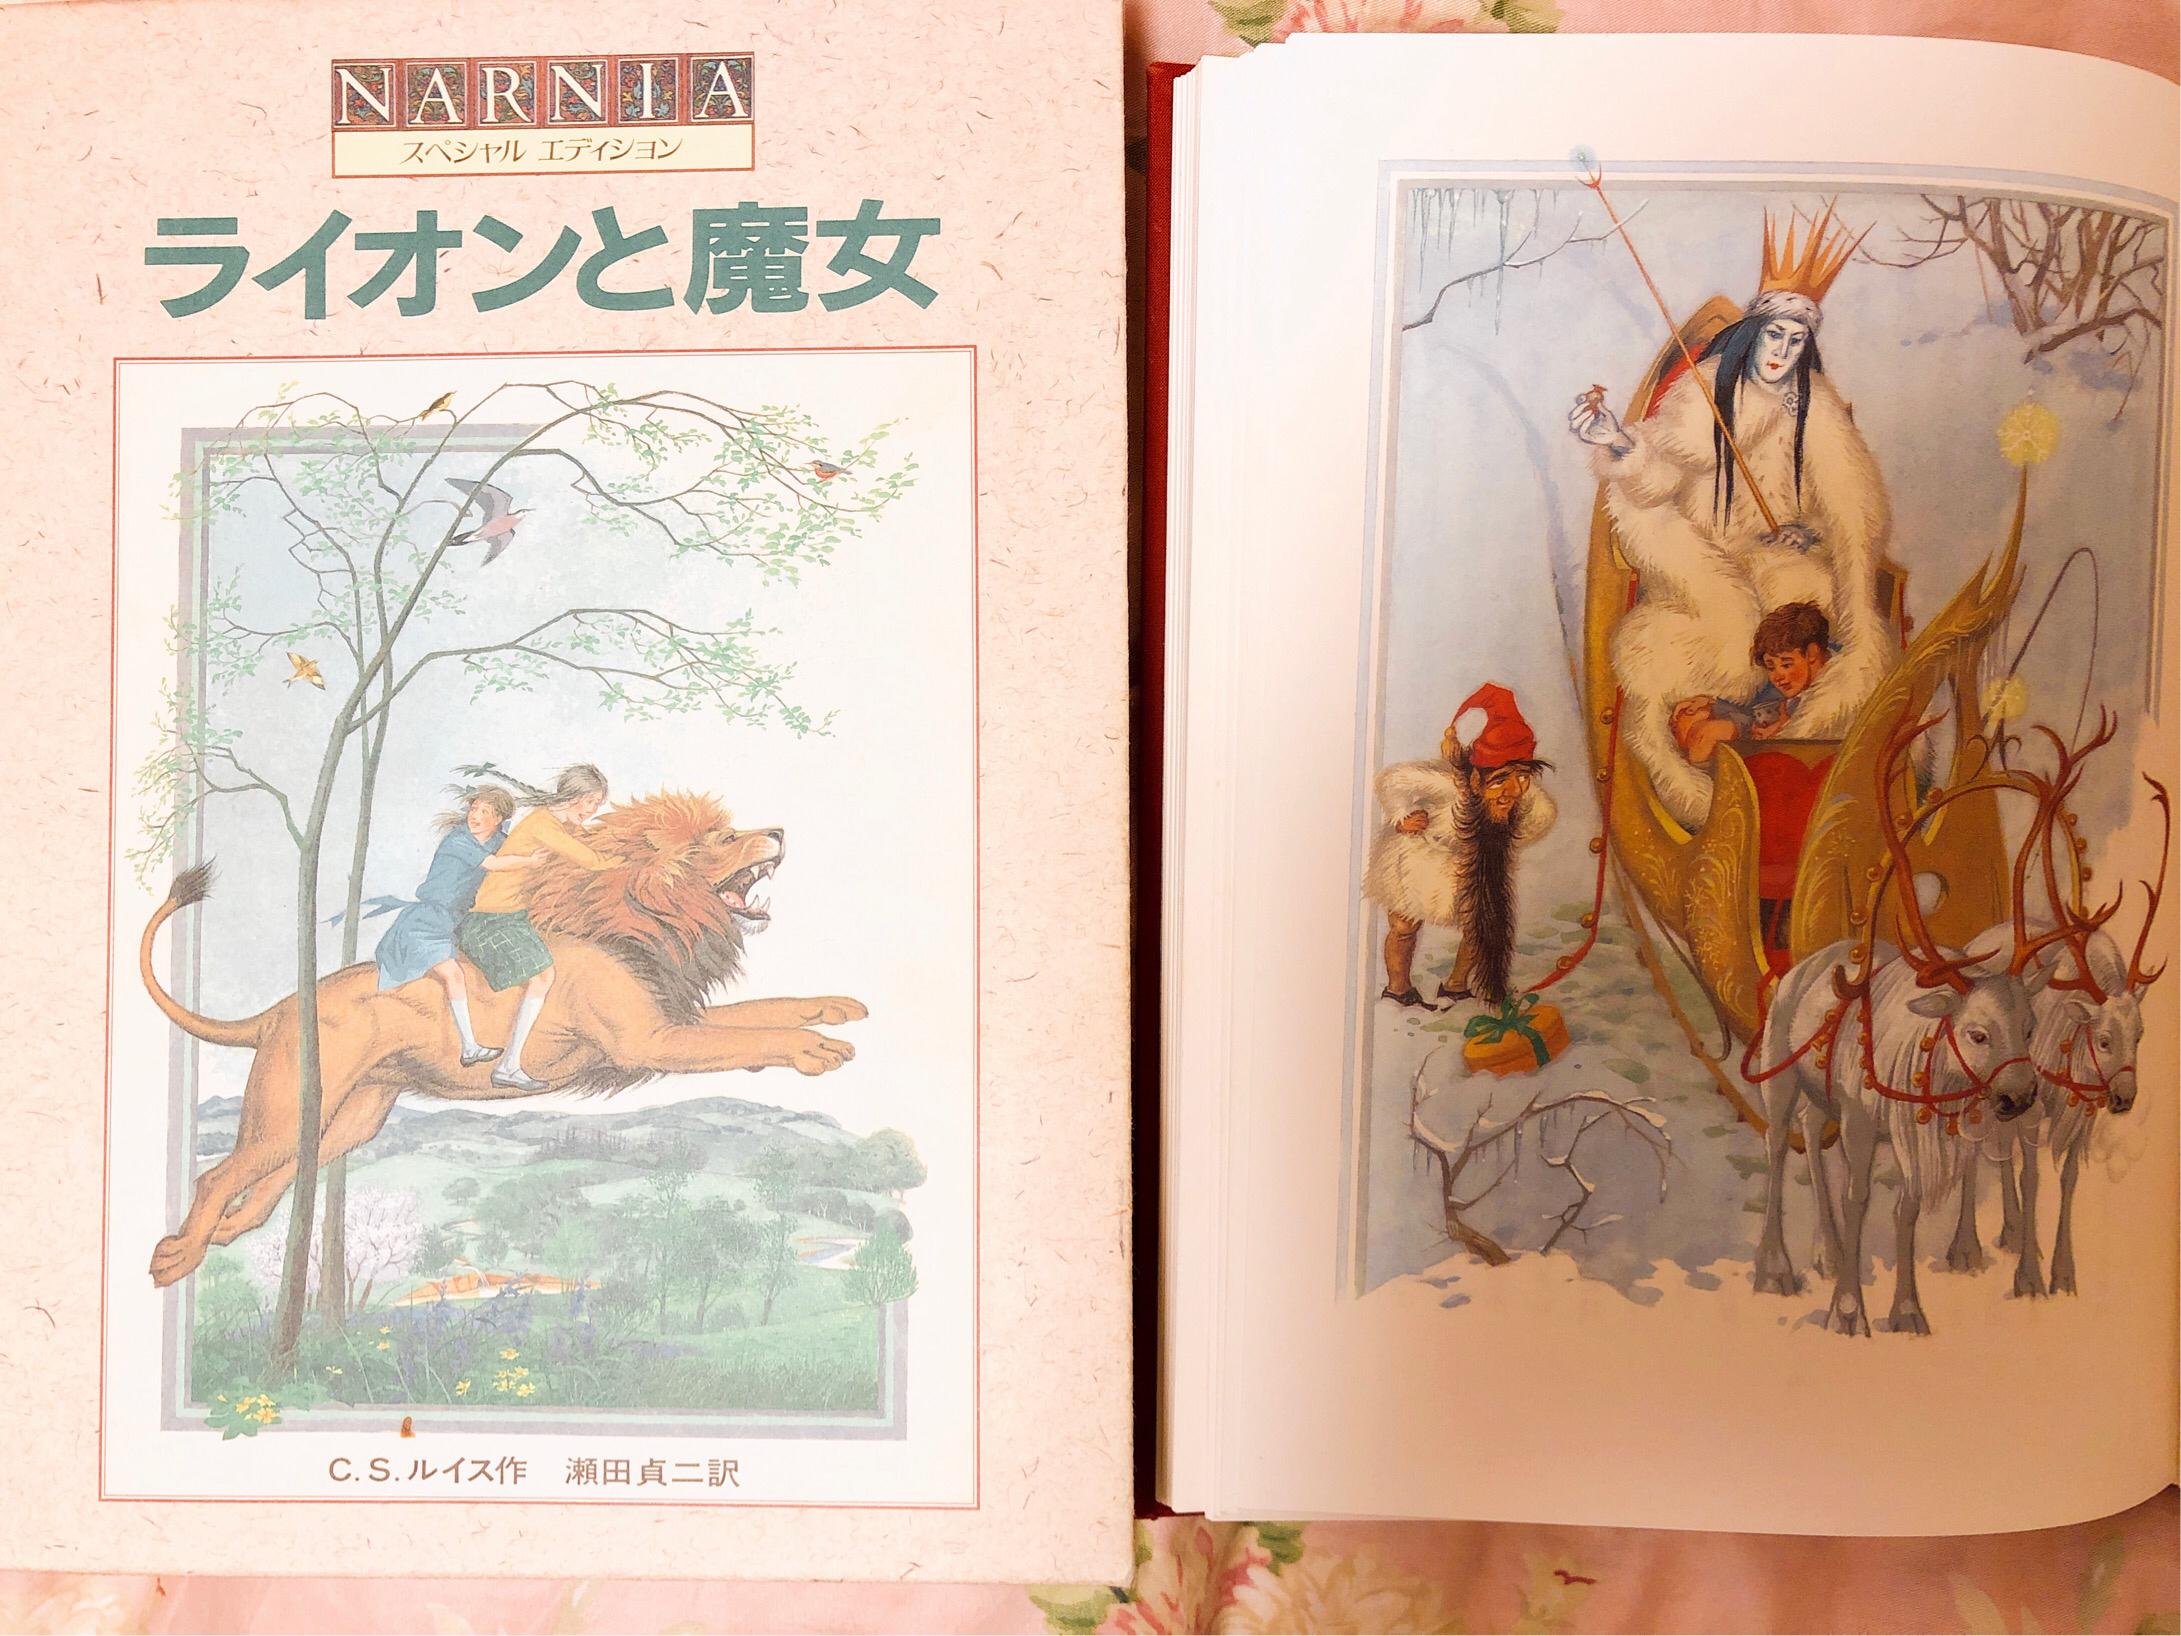 ナルニア国物語「ライオンと魔女」の1シーン。エドマンドが誘惑された、魔法のプリン。マーロウ葉山店で、なぜかこのシーンを思い出した。